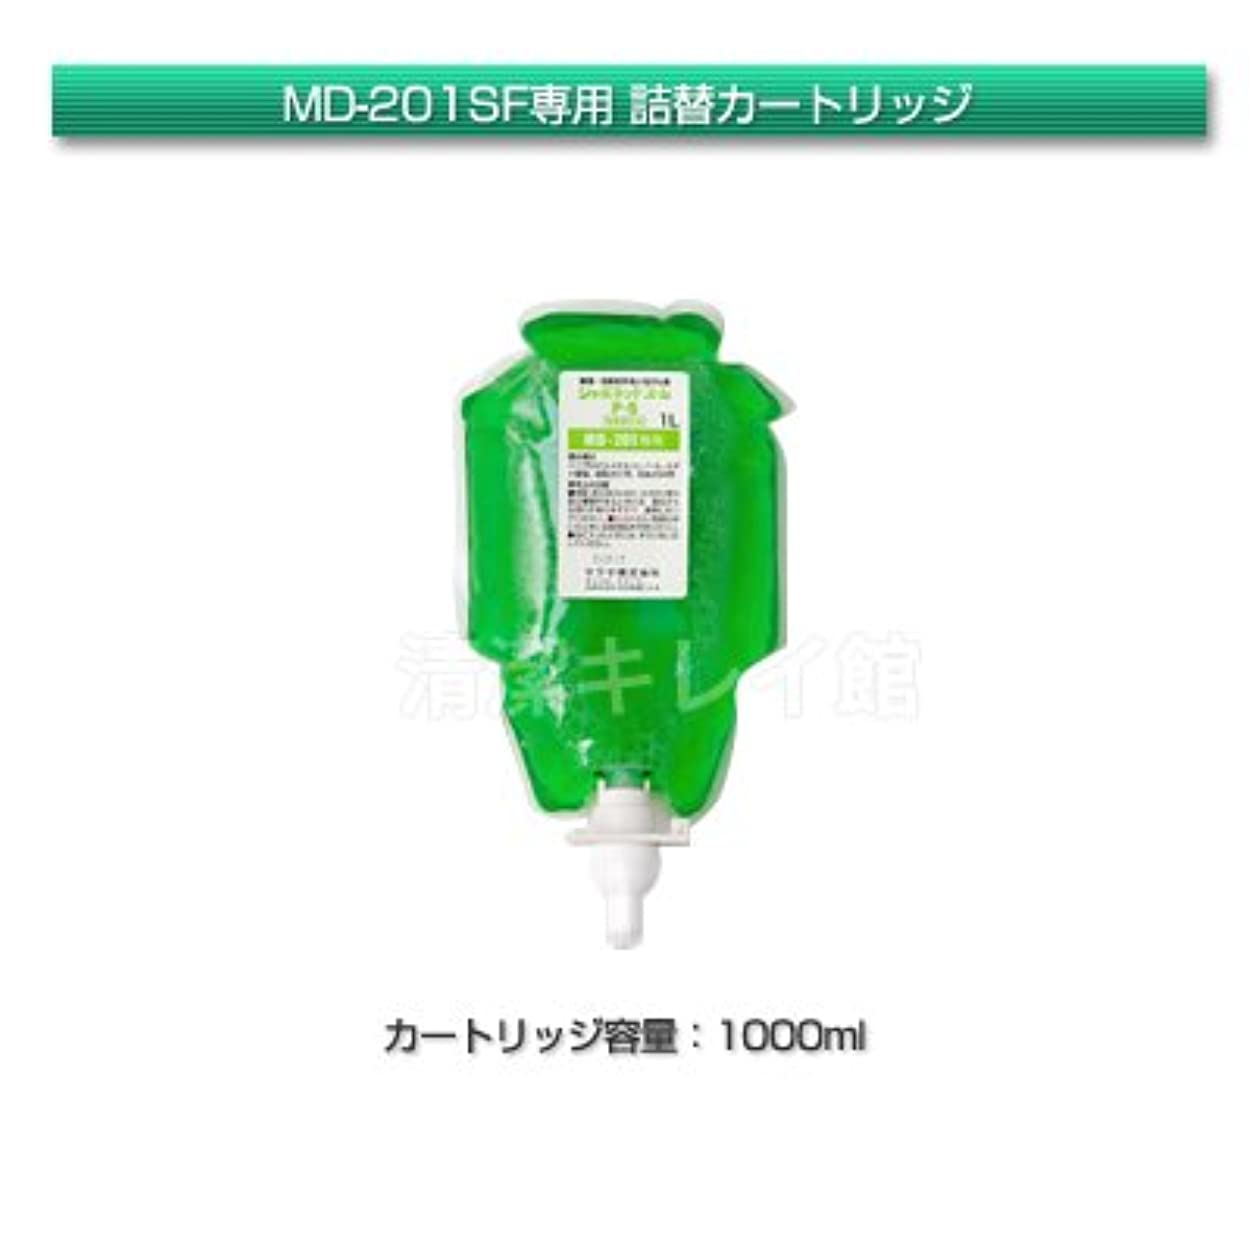 怠けた調整可能本当のことを言うとサラヤ プッシュ式石鹸液 MD-201SF(泡)専用カートリッジ(ユムP-5)1000ml【清潔キレイ館】